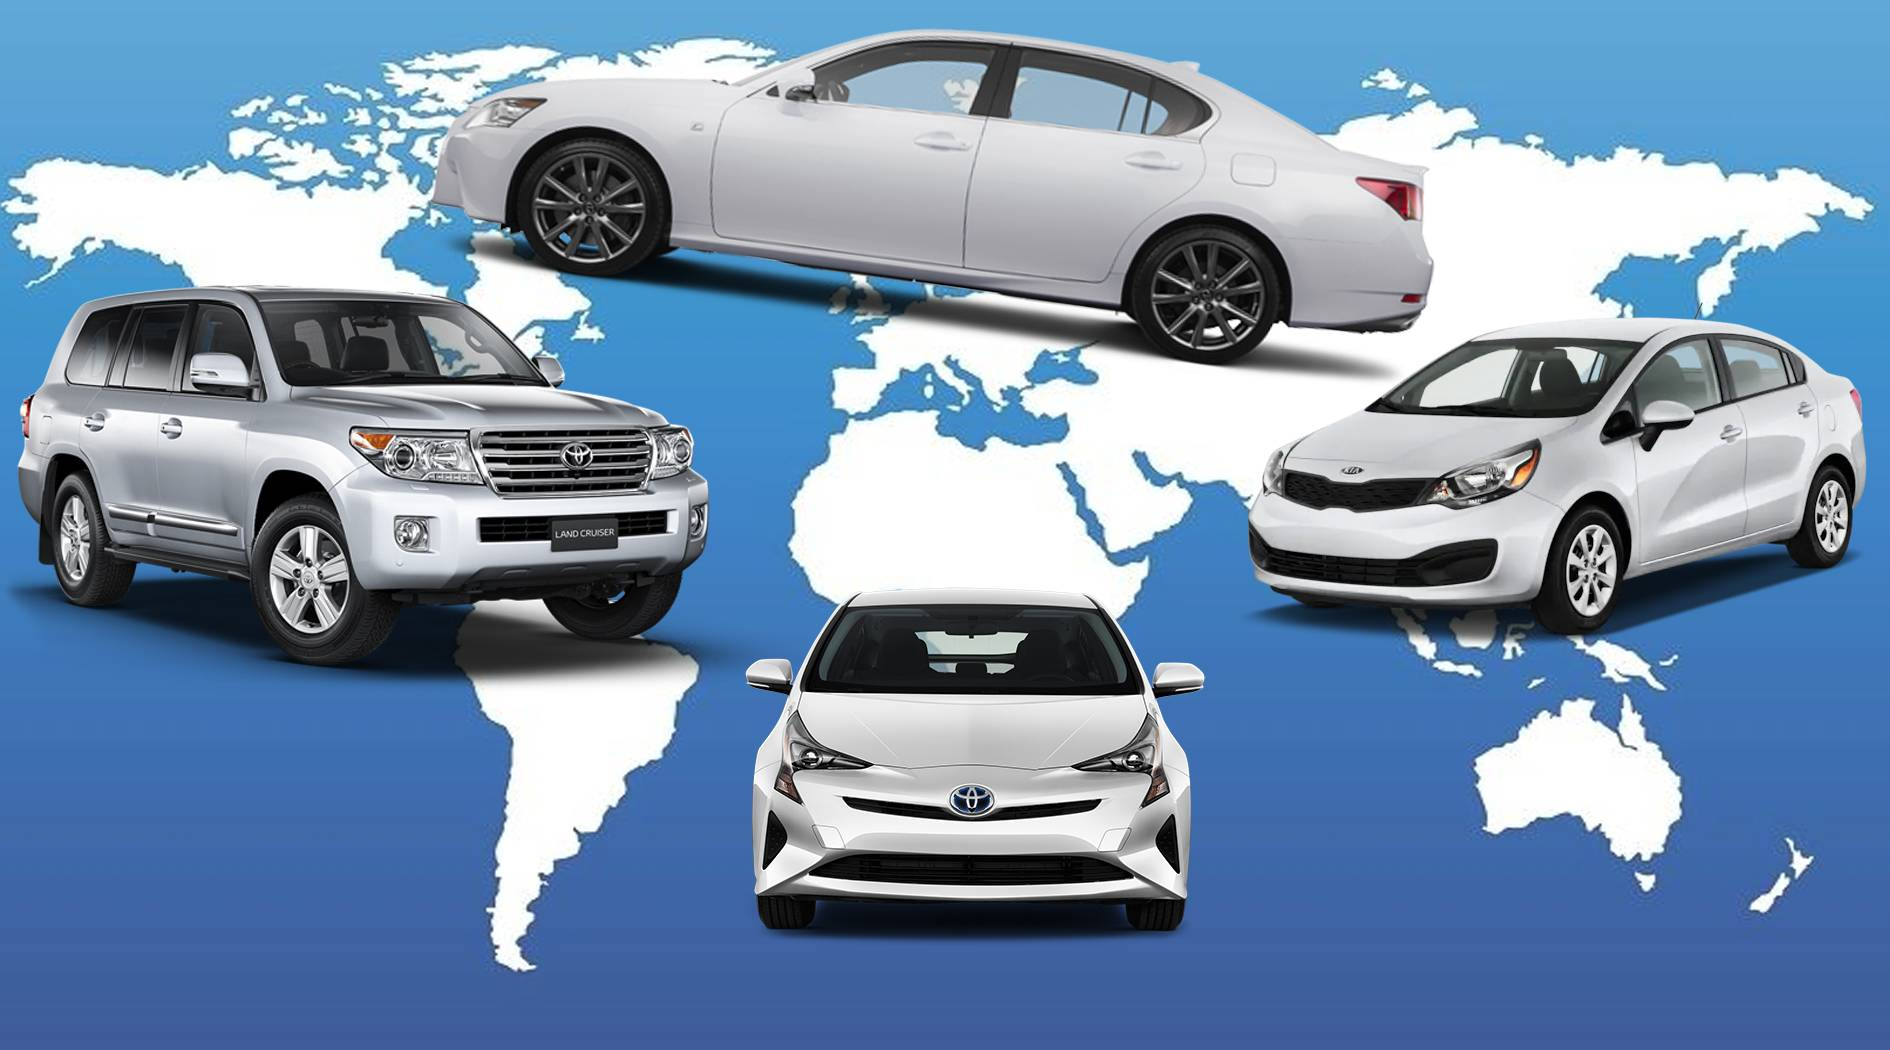 Автомобили 2008 года признаны самыми ненадежными